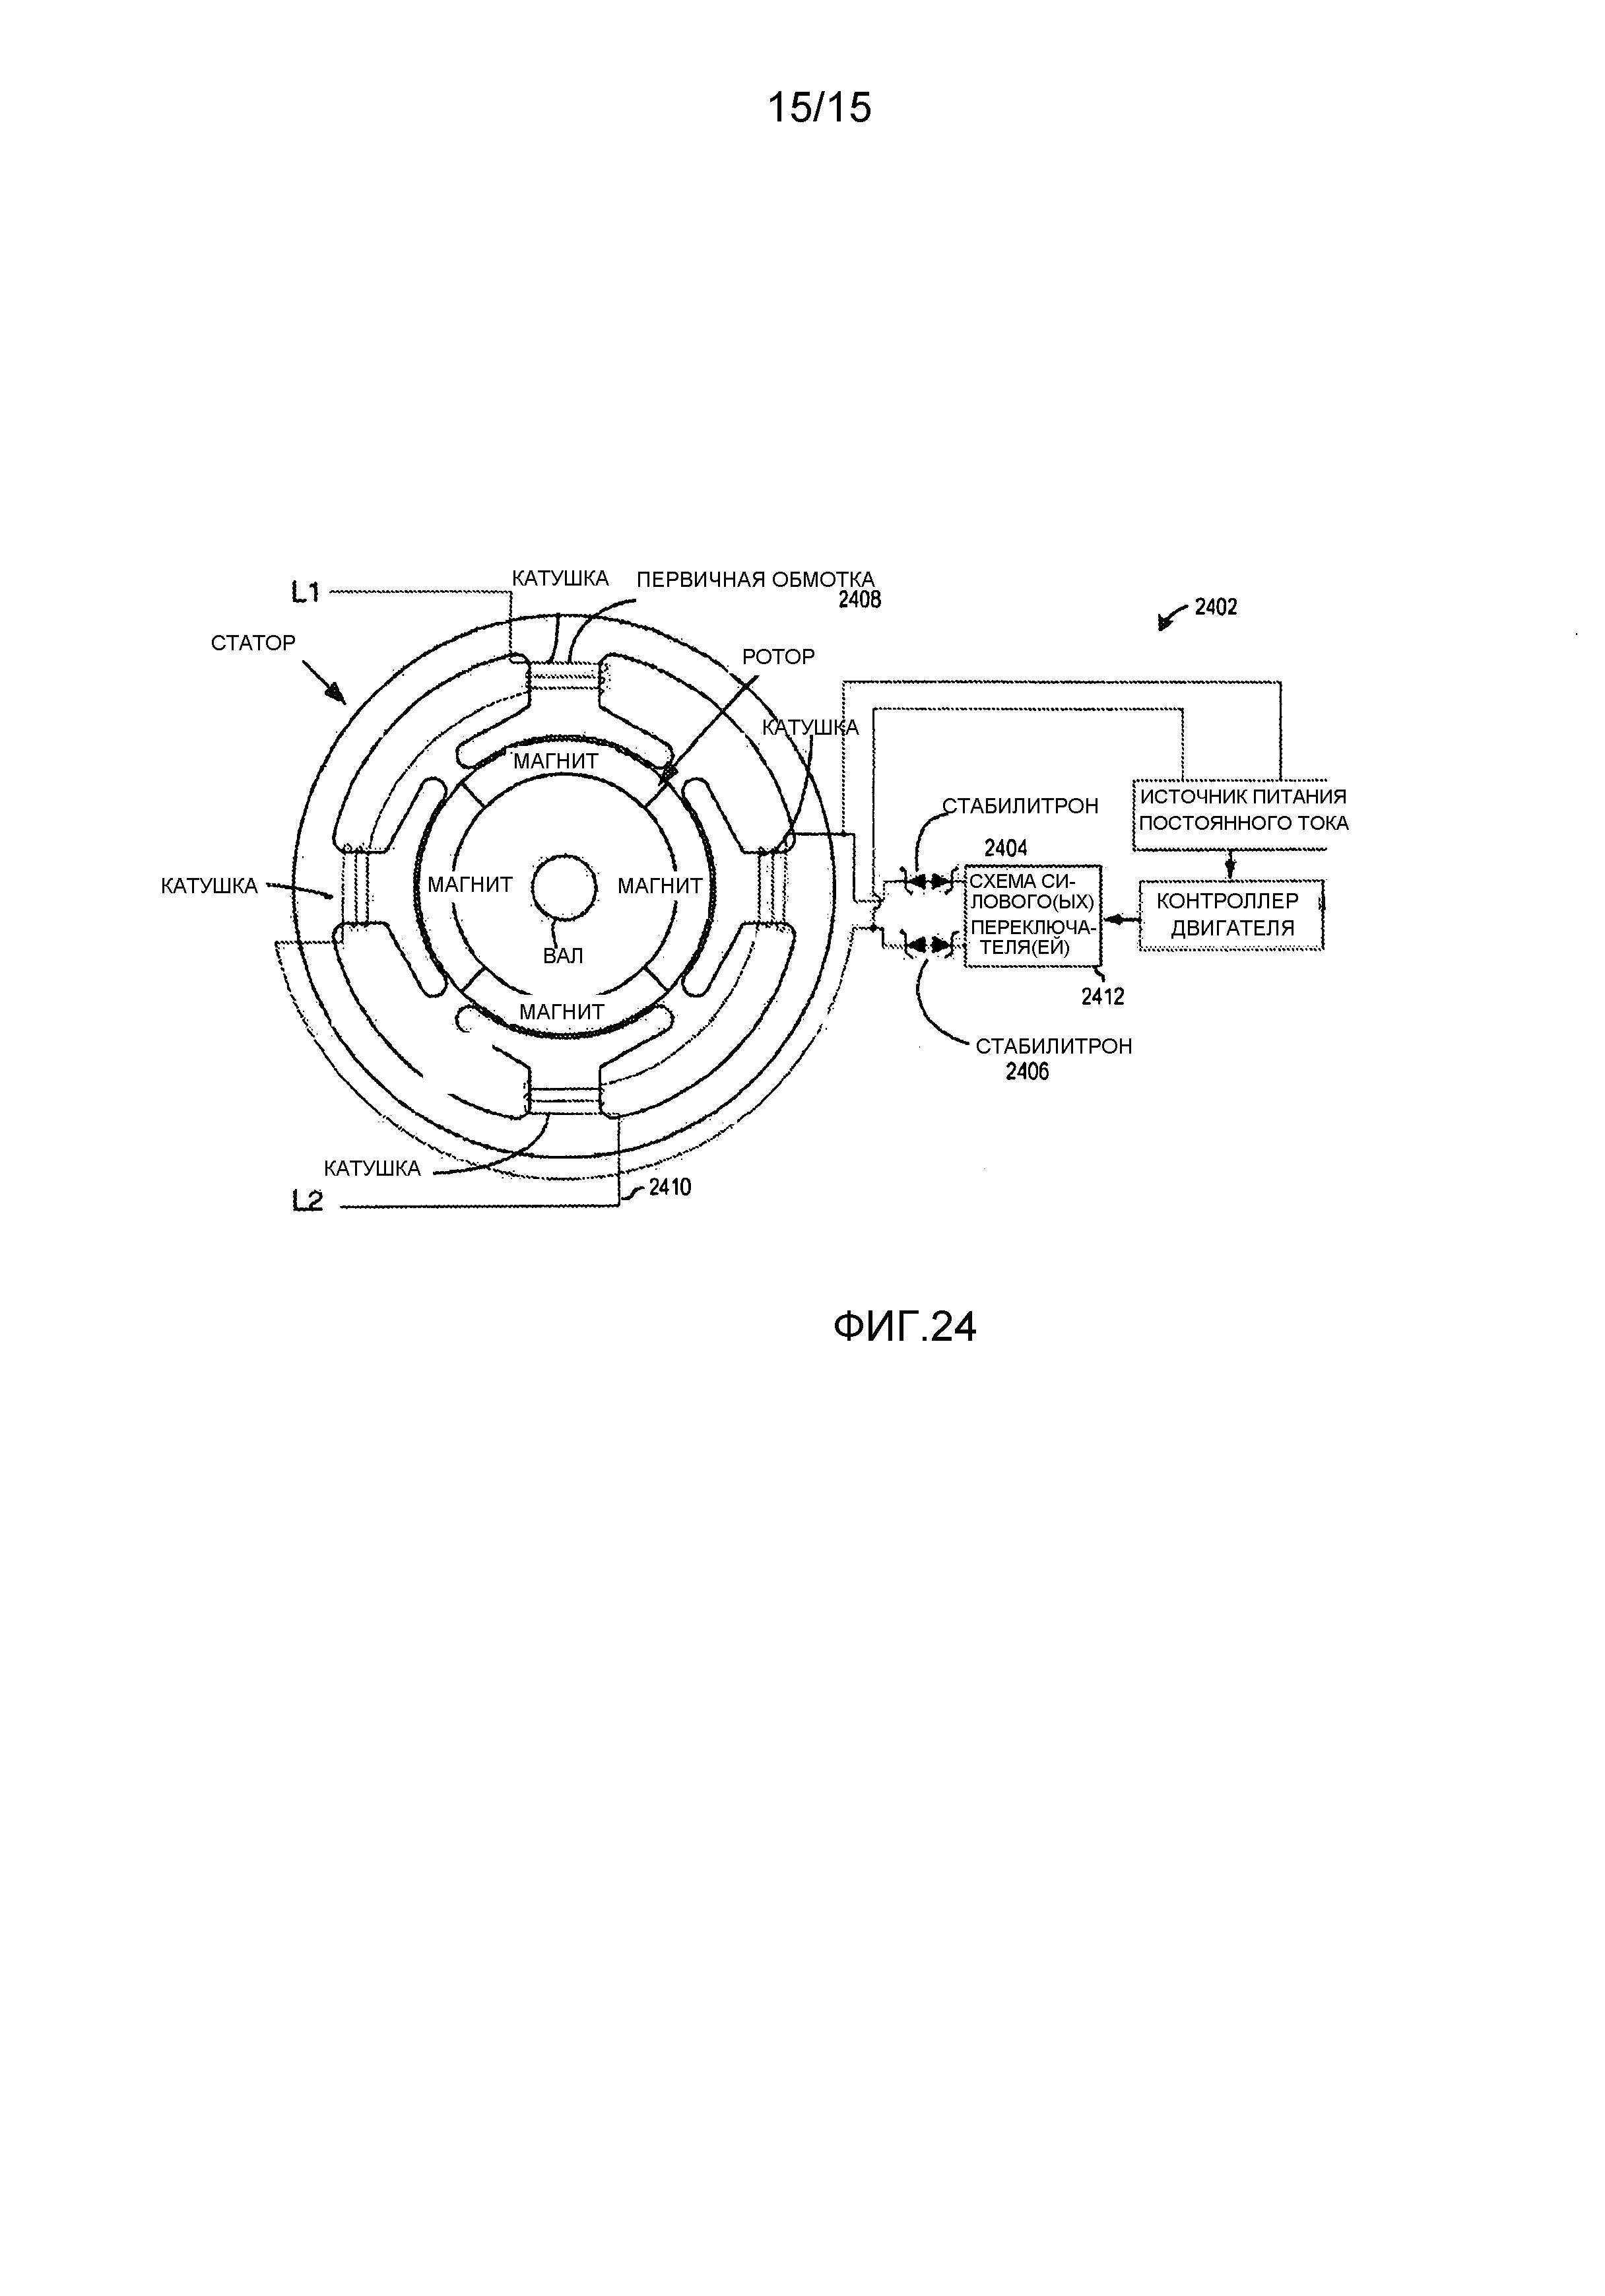 Синхронный двигатель с фазным ротором схема